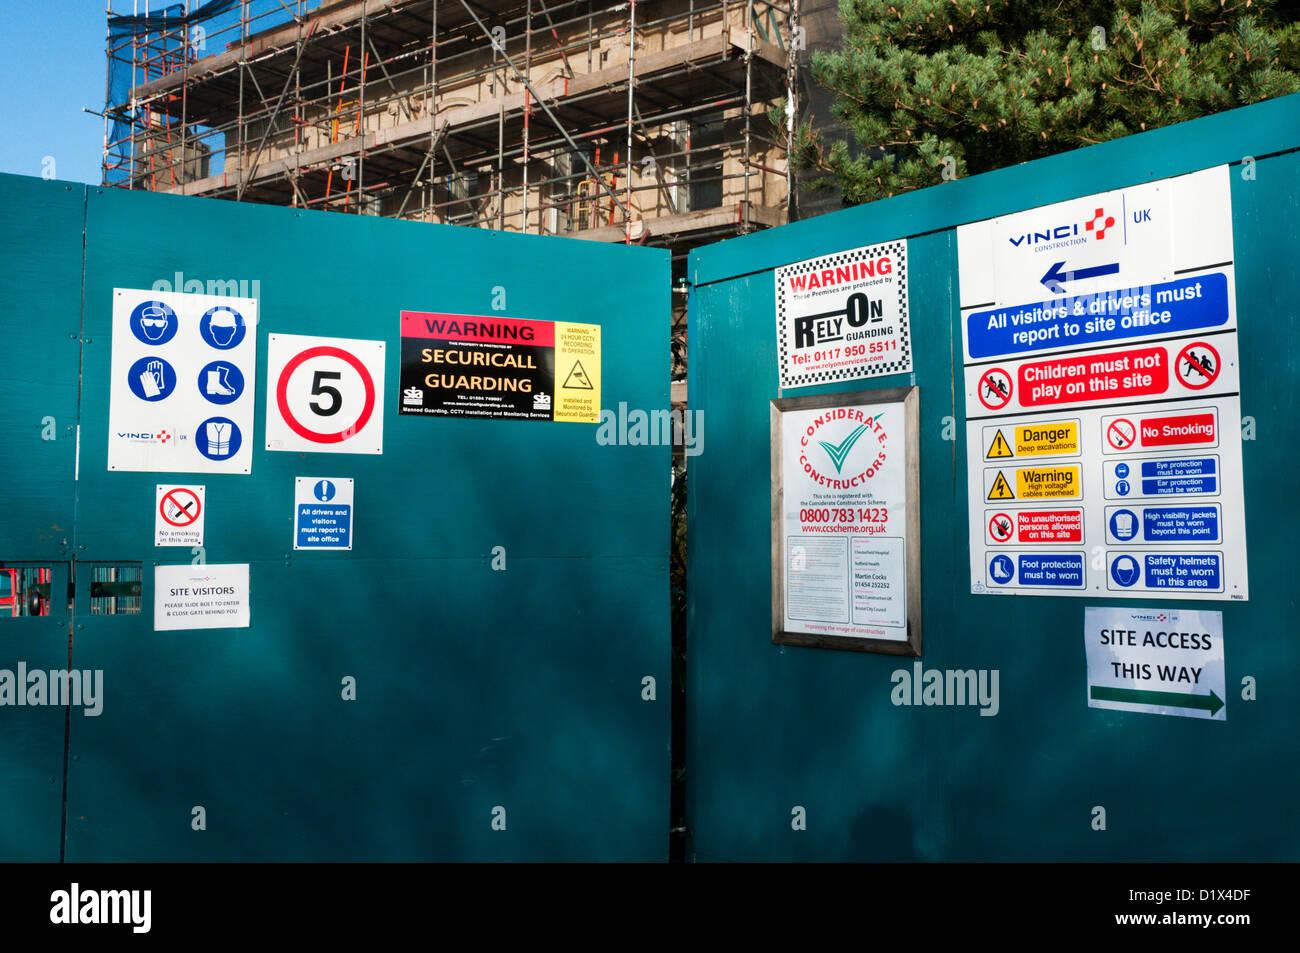 Sito Avvisi di sicurezza all'entrata di un sito in costruzione. Immagini Stock